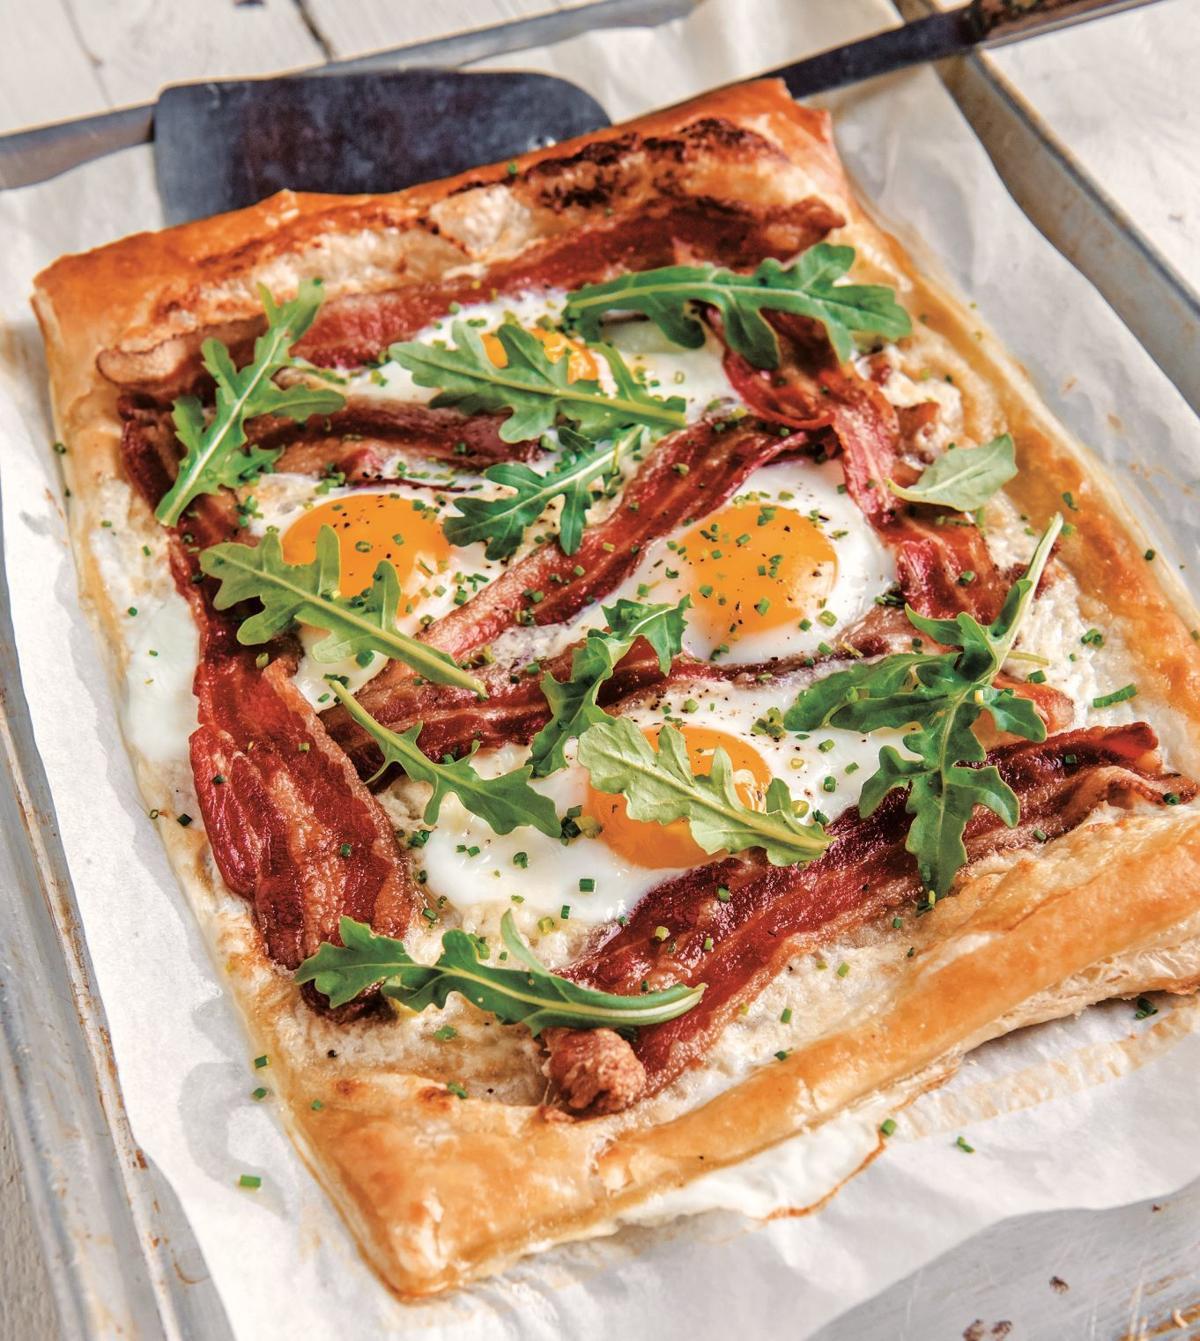 Savor - Fancy Brunch Egg, Bacon and Gruyère Breakfast Tart